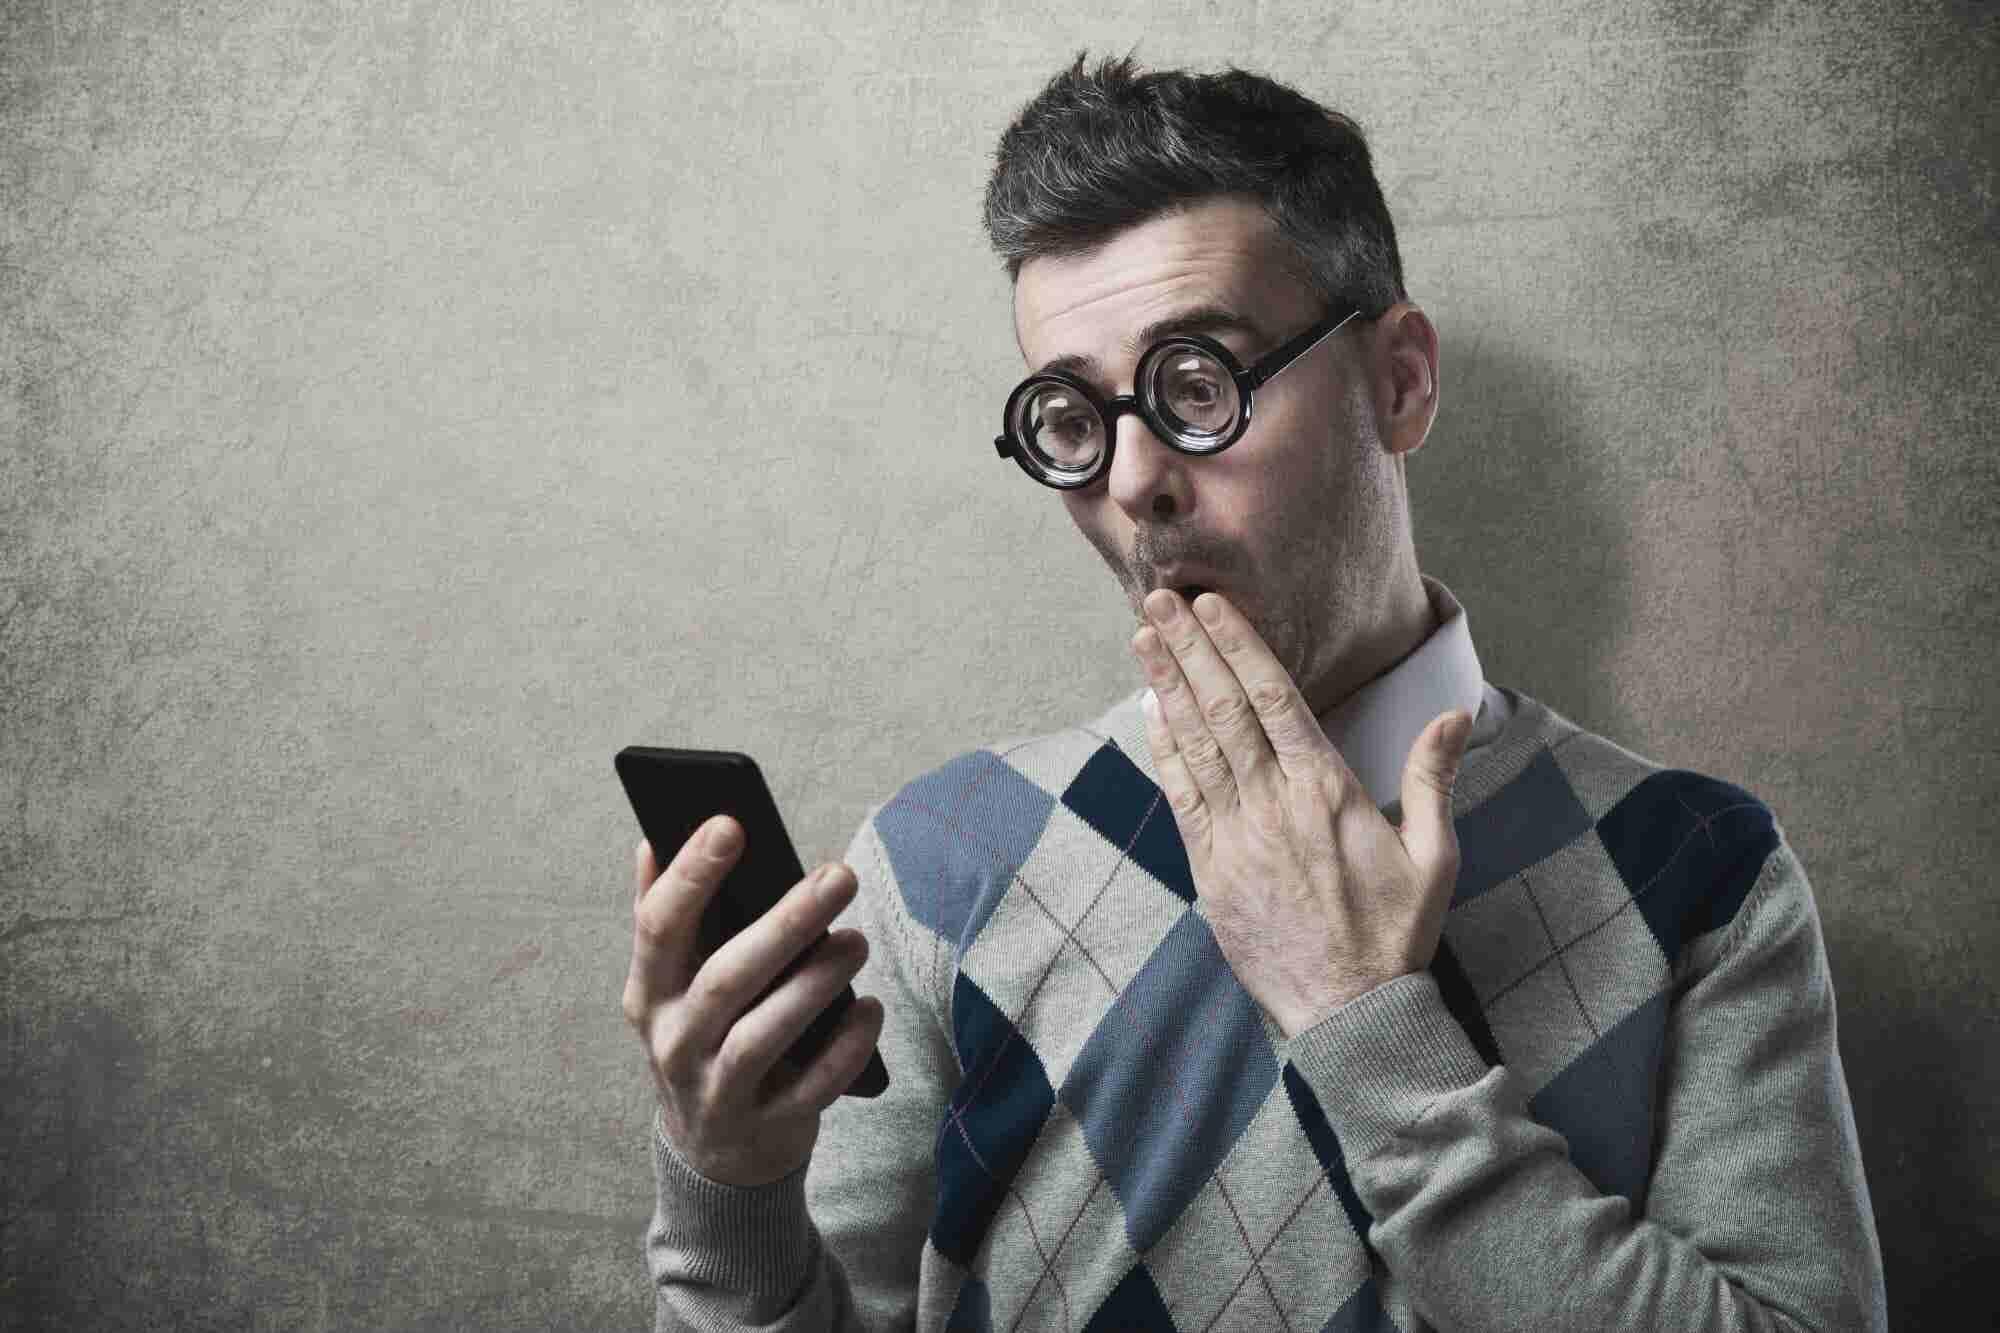 ¿Preferirías andar desnudo u olvidar tu teléfono celular?